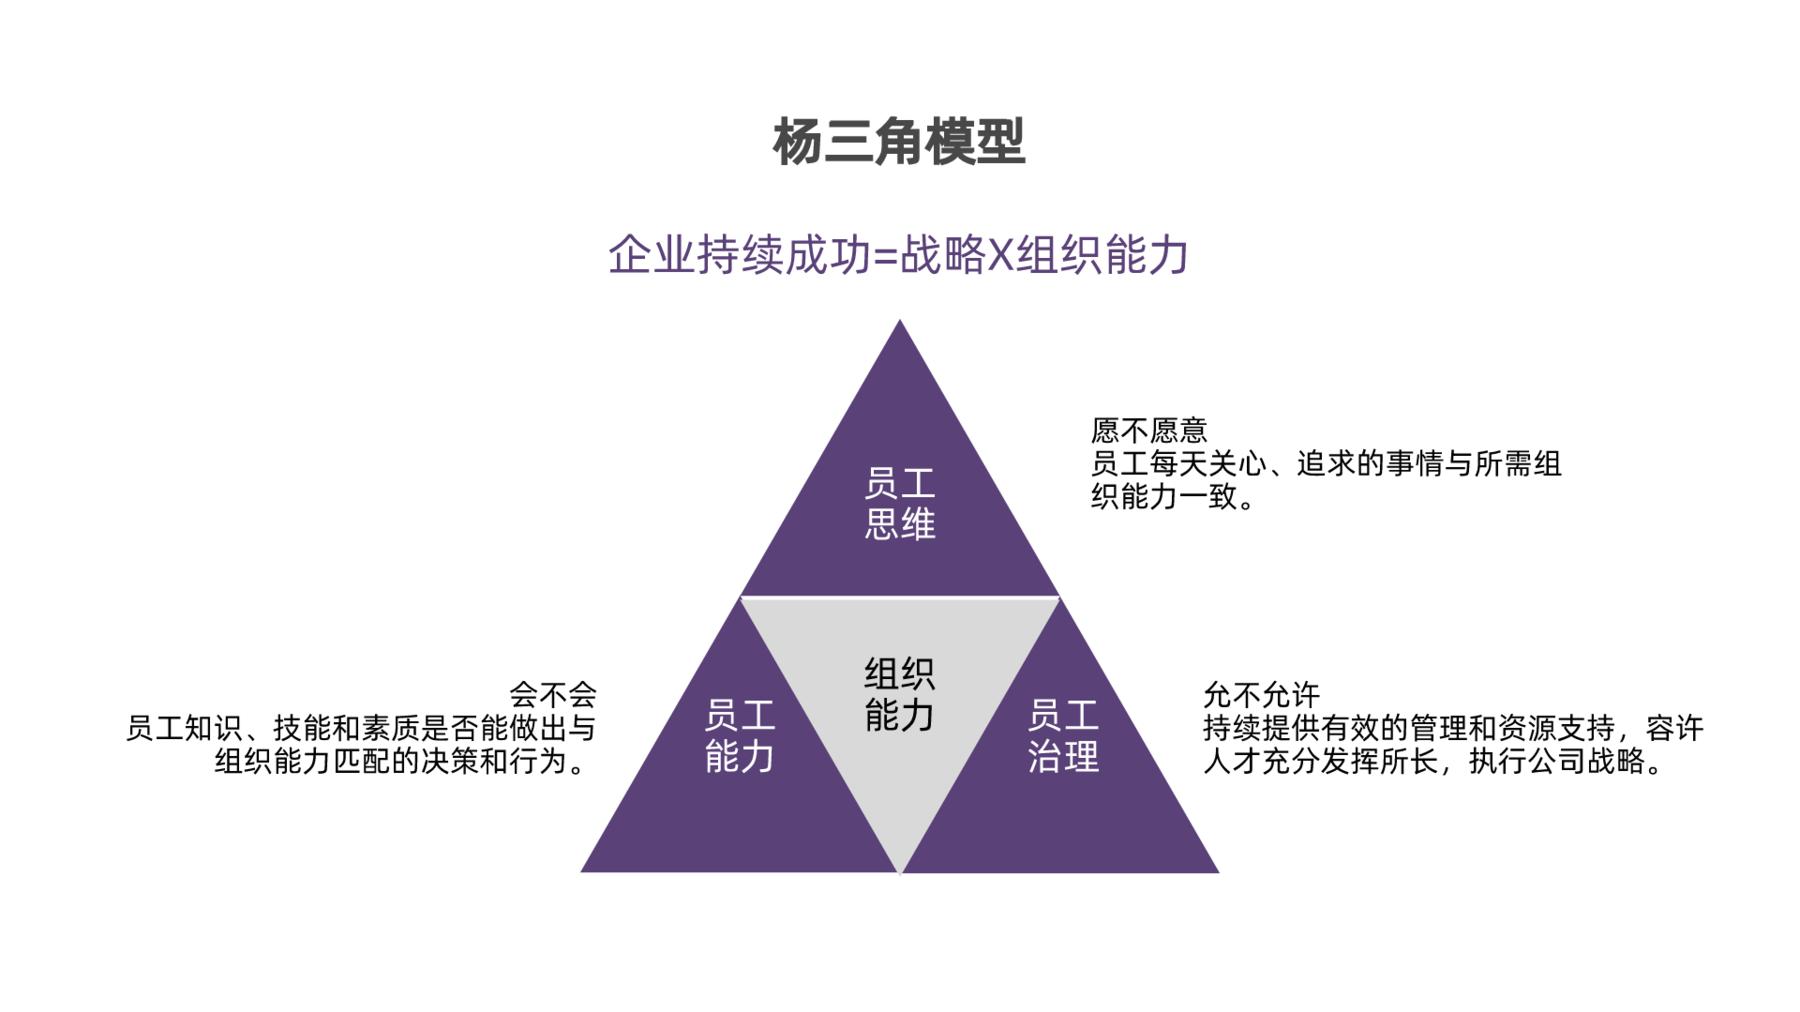 杨三角模型